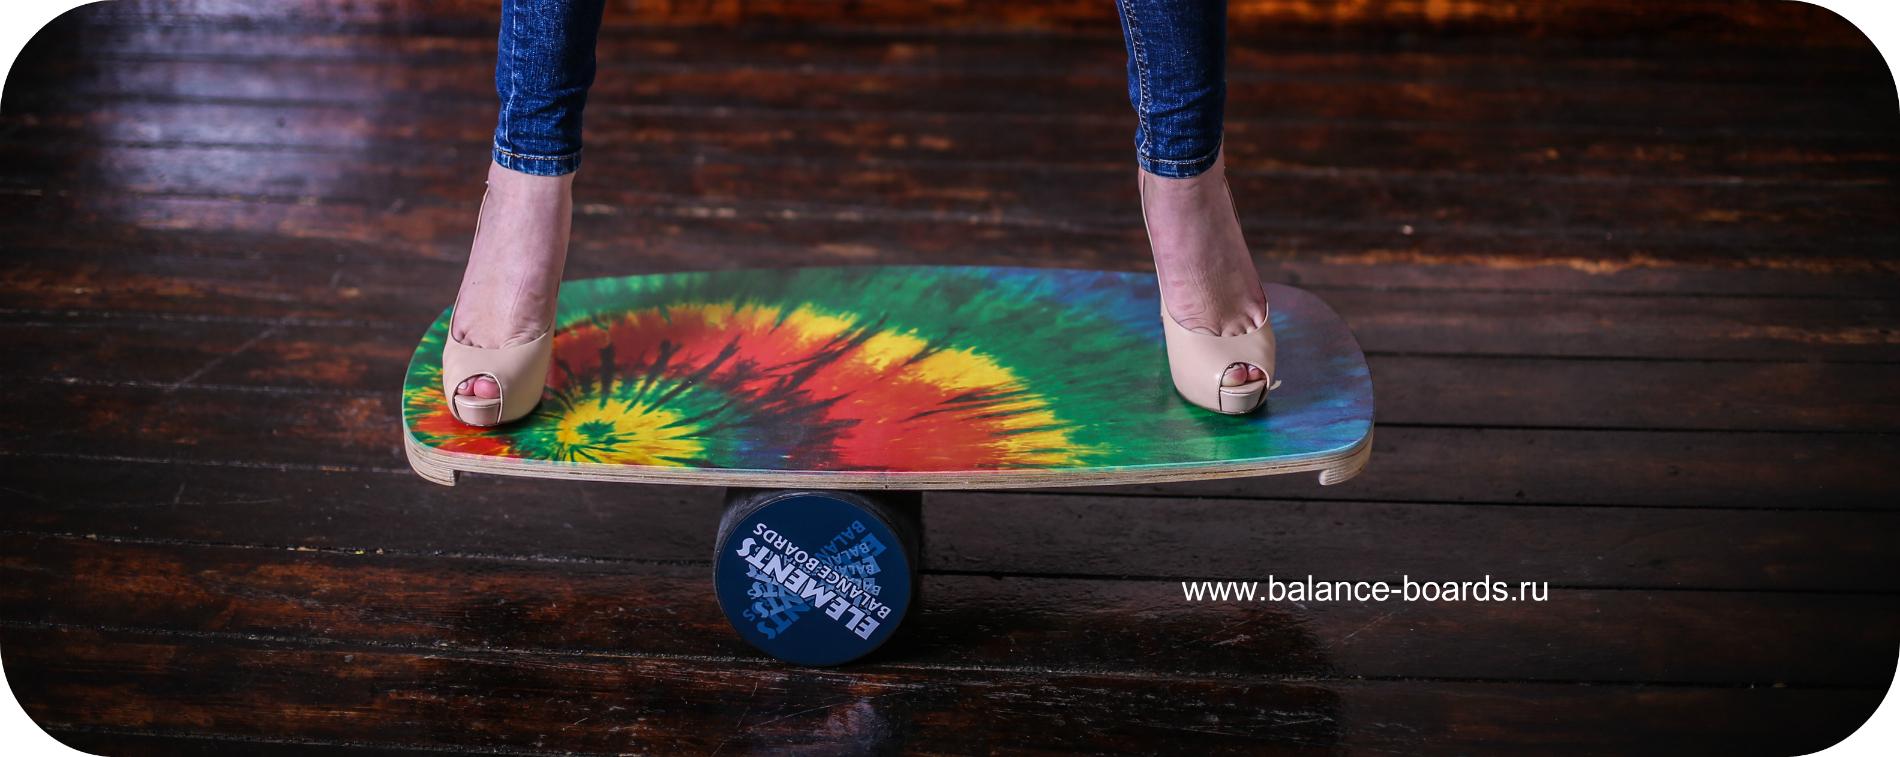 http://balance-boards.ru/images/upload/Как%20вернуть%20стопам%20здоровье.jpg